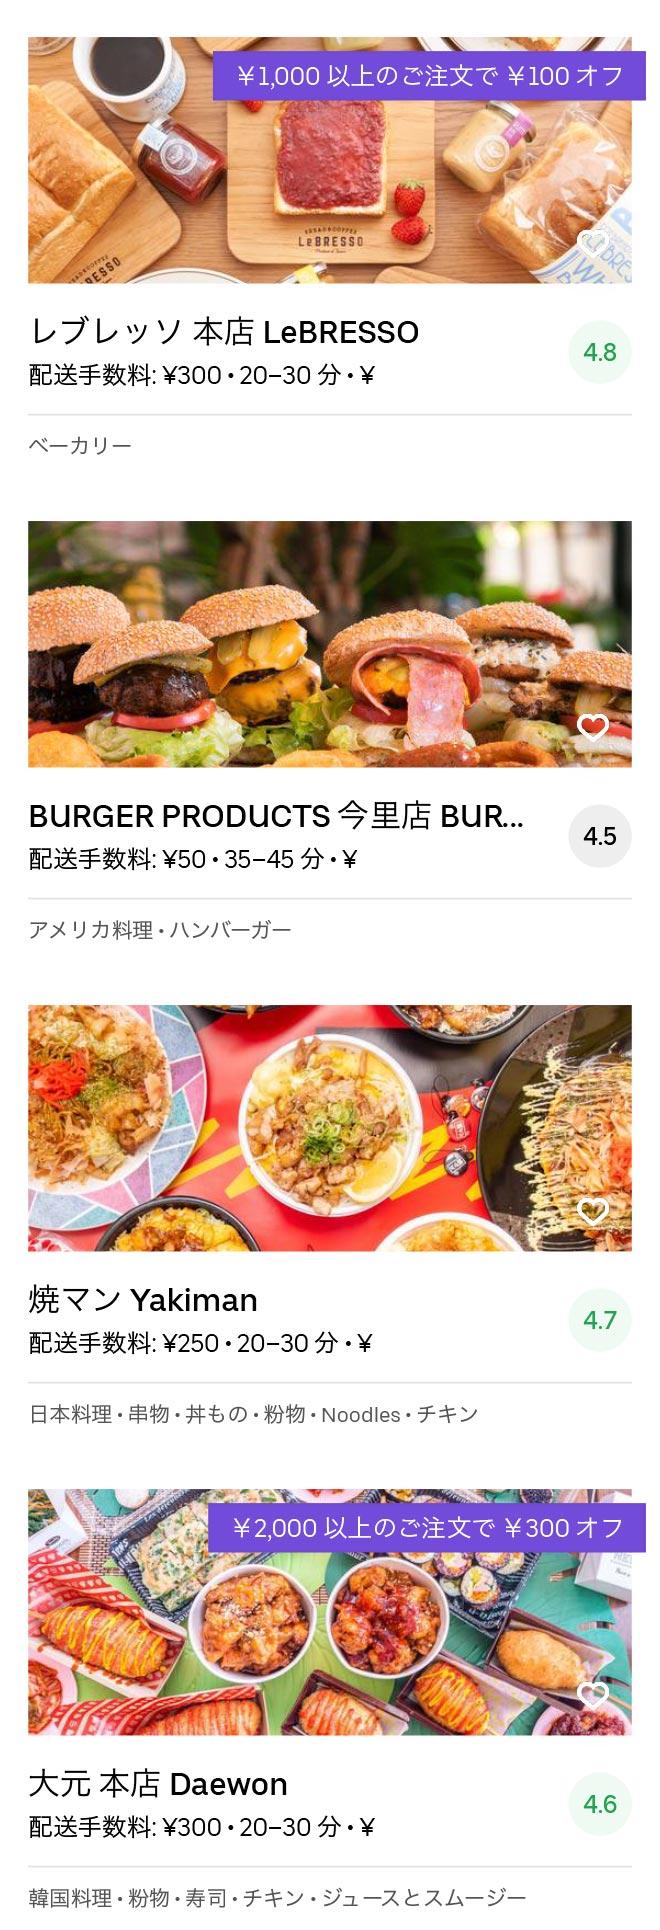 Higashi osaka fuse menu 2005 09